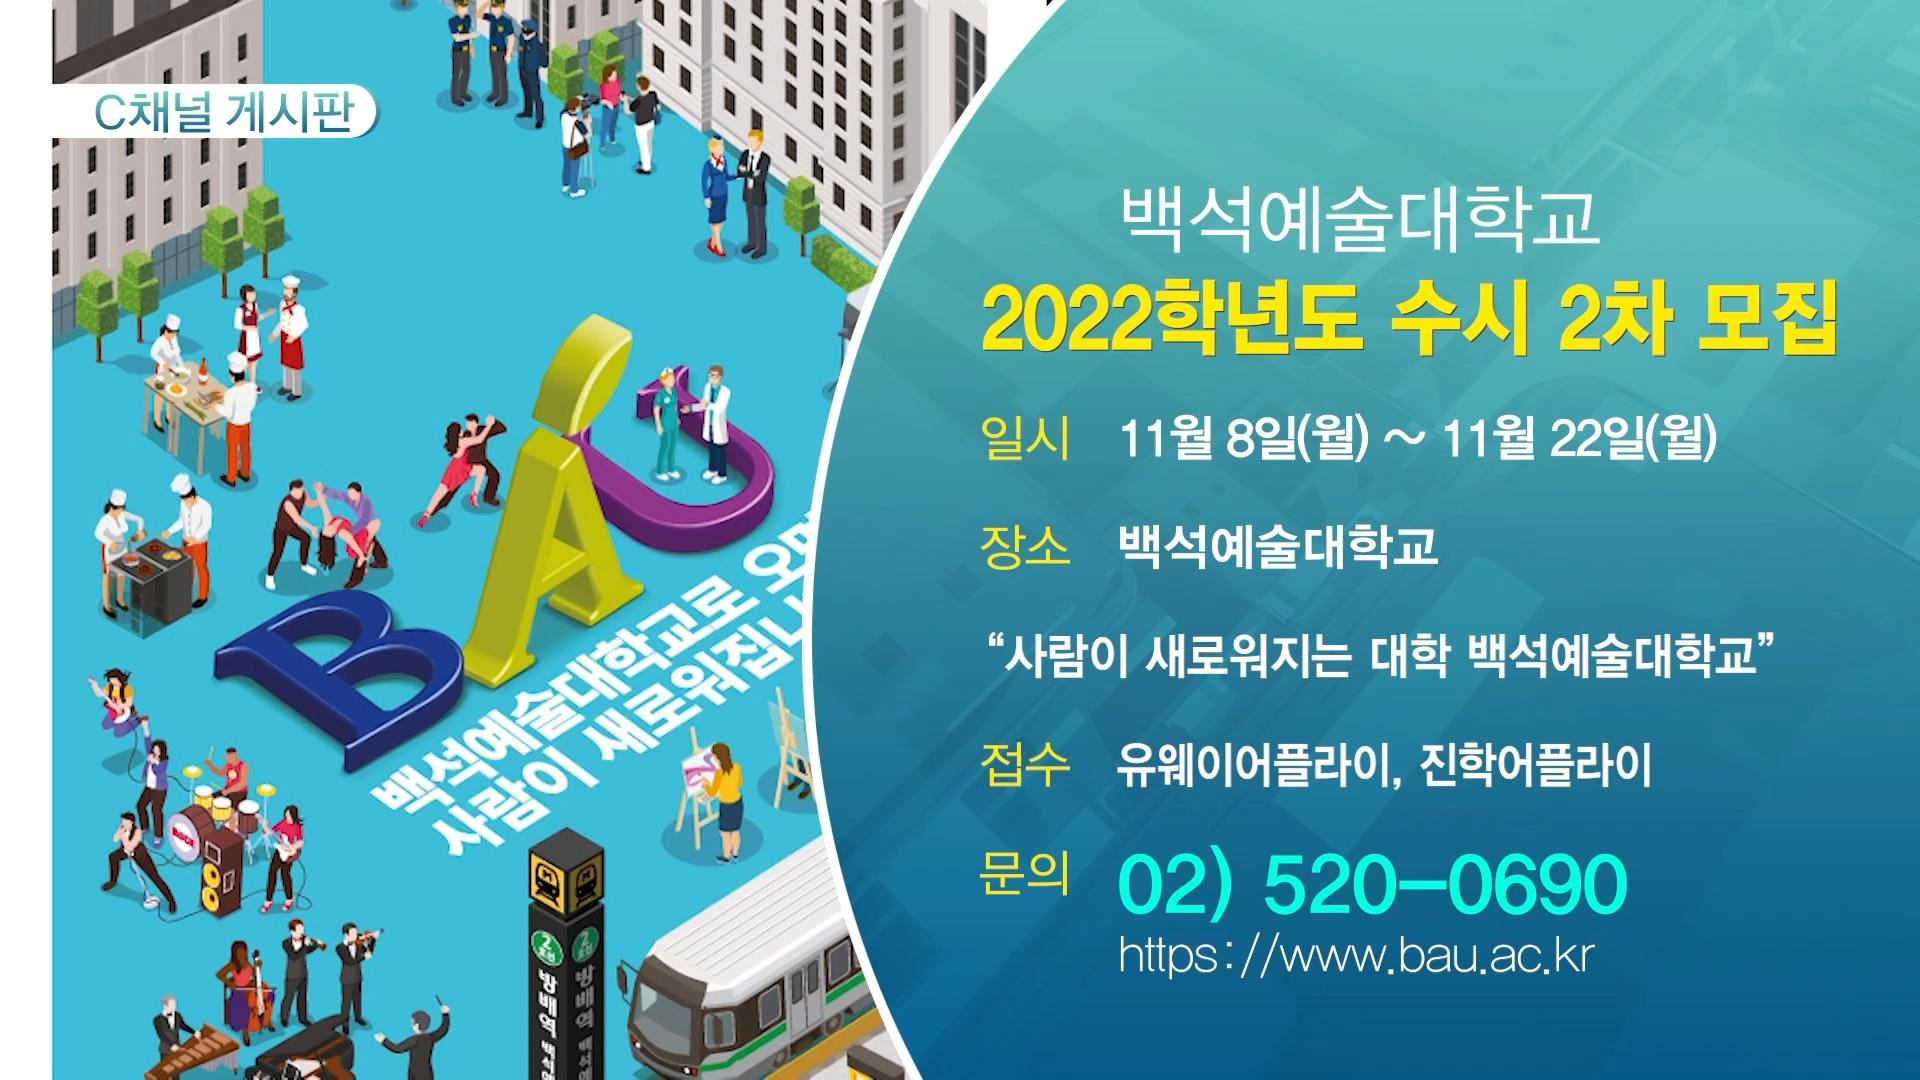 2022학년도 수시 2차 모집 (백석예술대학교) - 11월 8일(월) ~ 11월 22일(월)